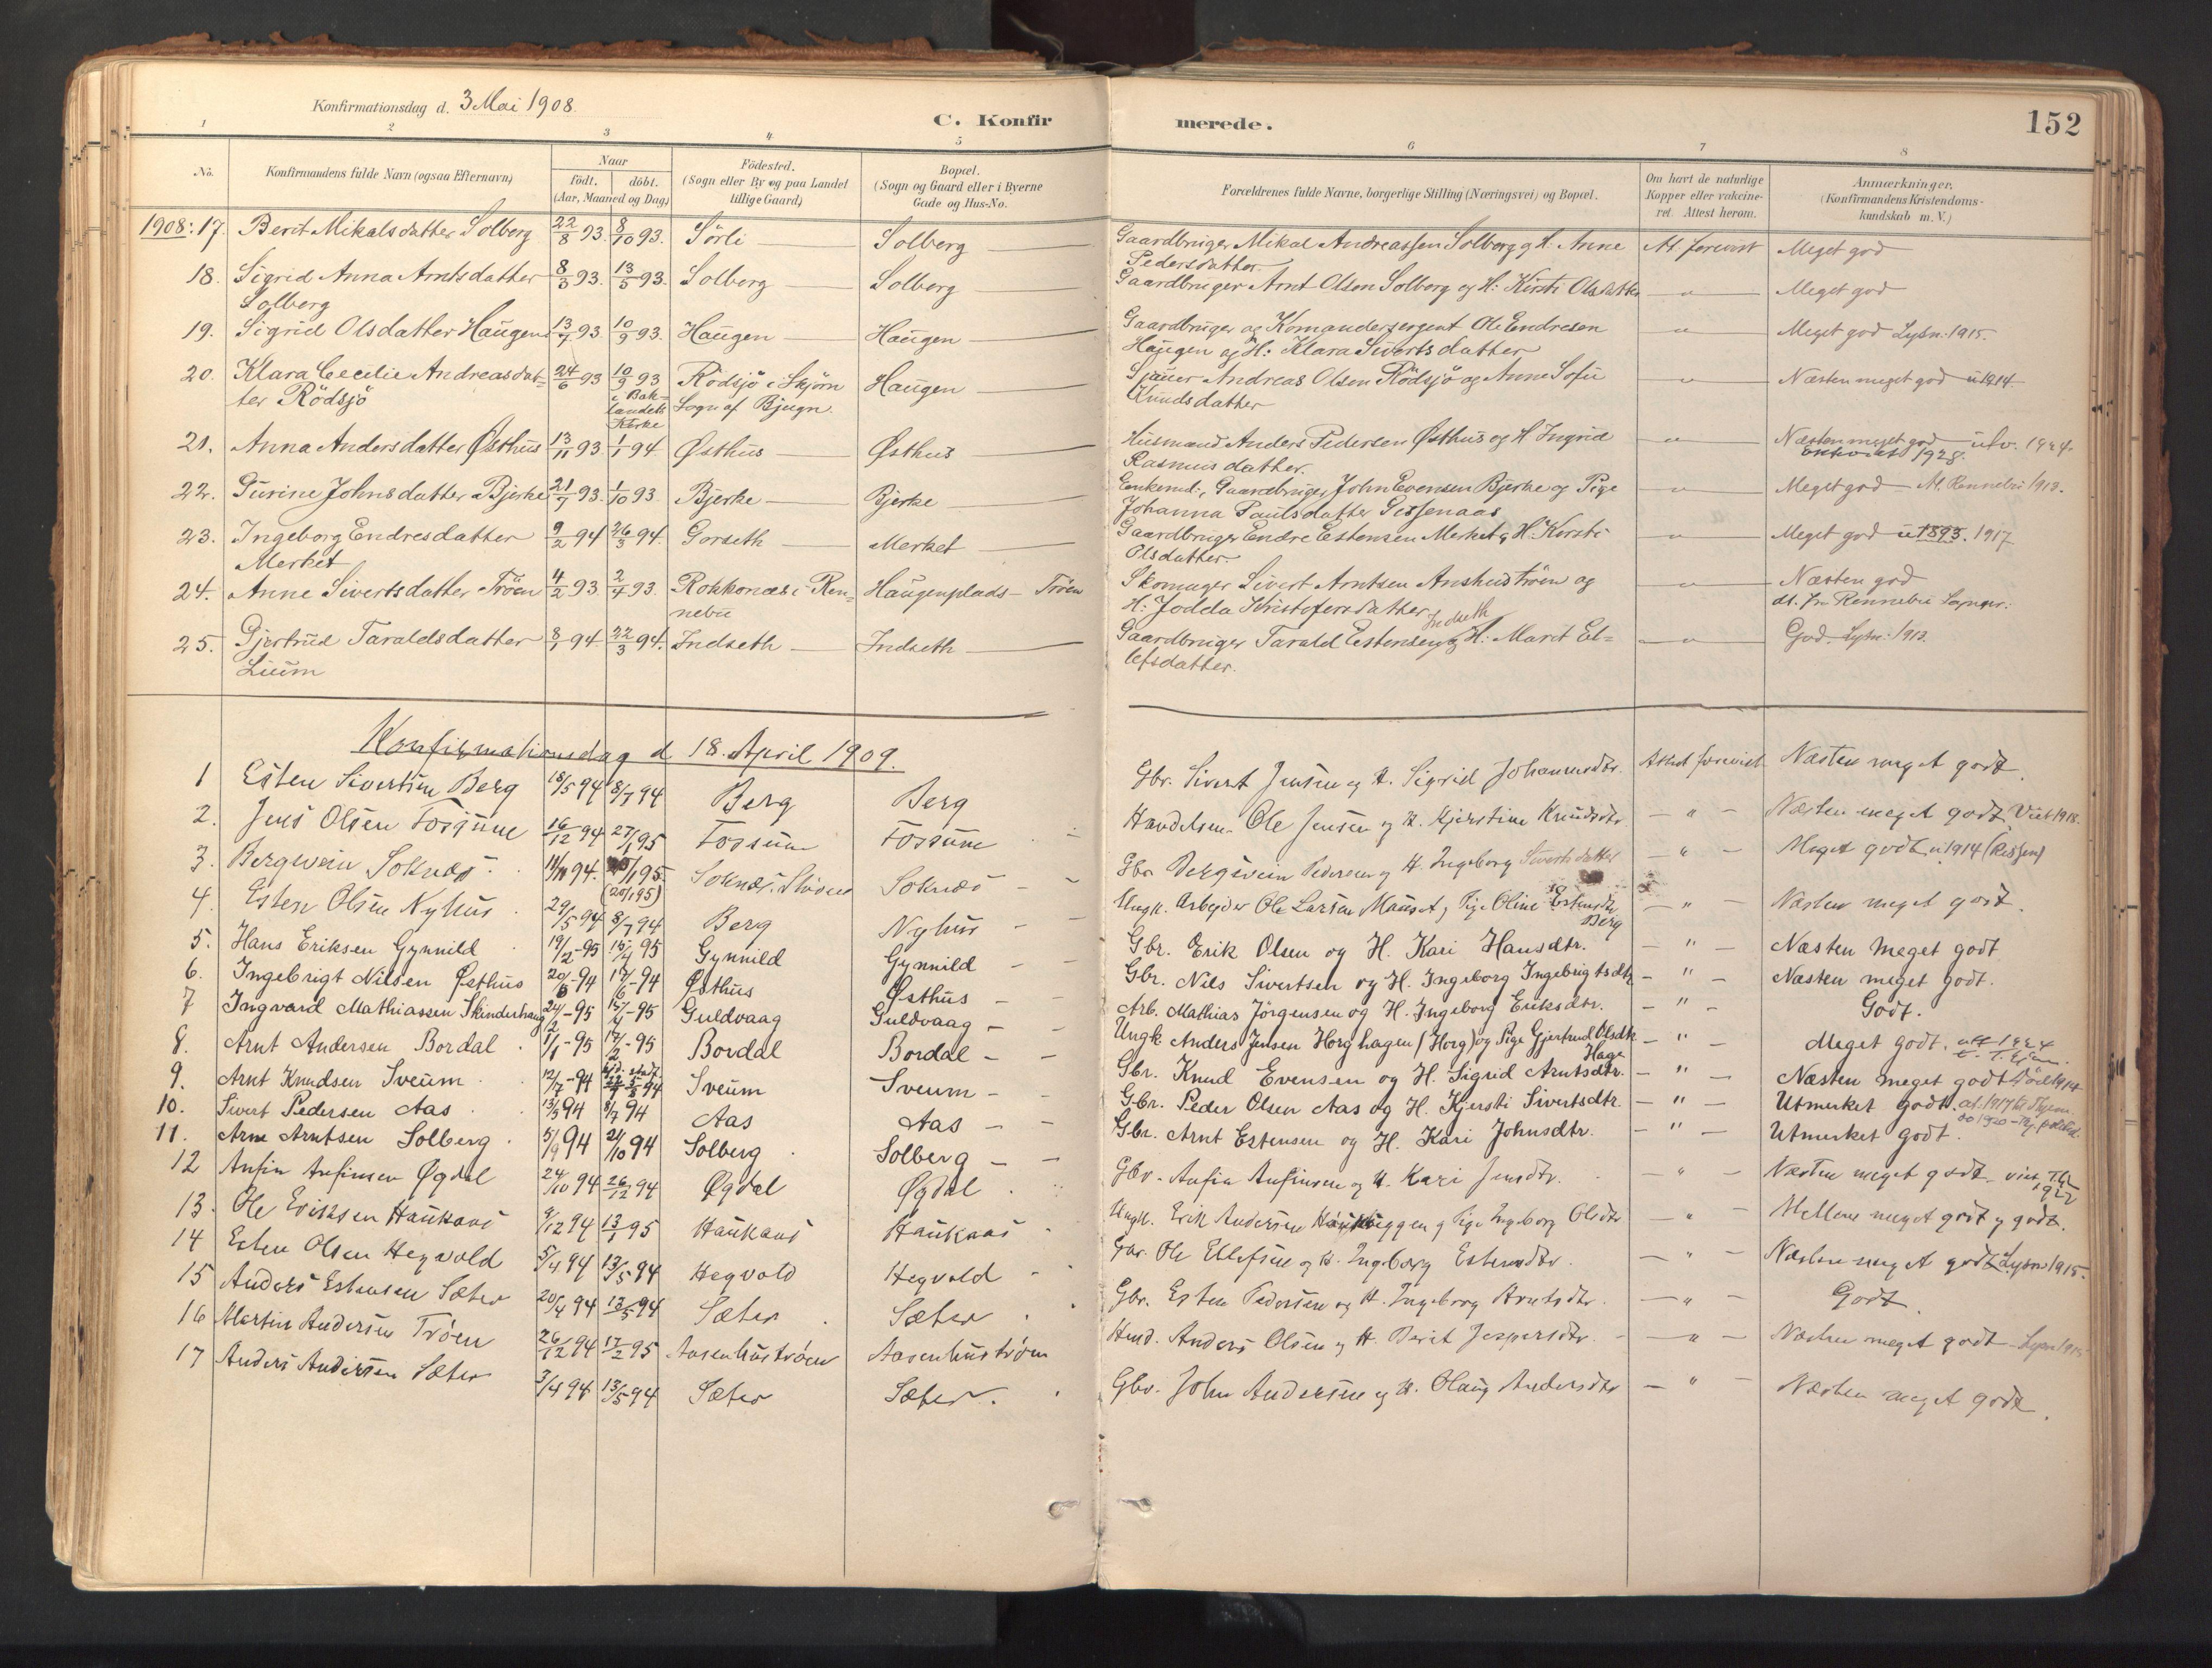 SAT, Ministerialprotokoller, klokkerbøker og fødselsregistre - Sør-Trøndelag, 689/L1041: Ministerialbok nr. 689A06, 1891-1923, s. 152